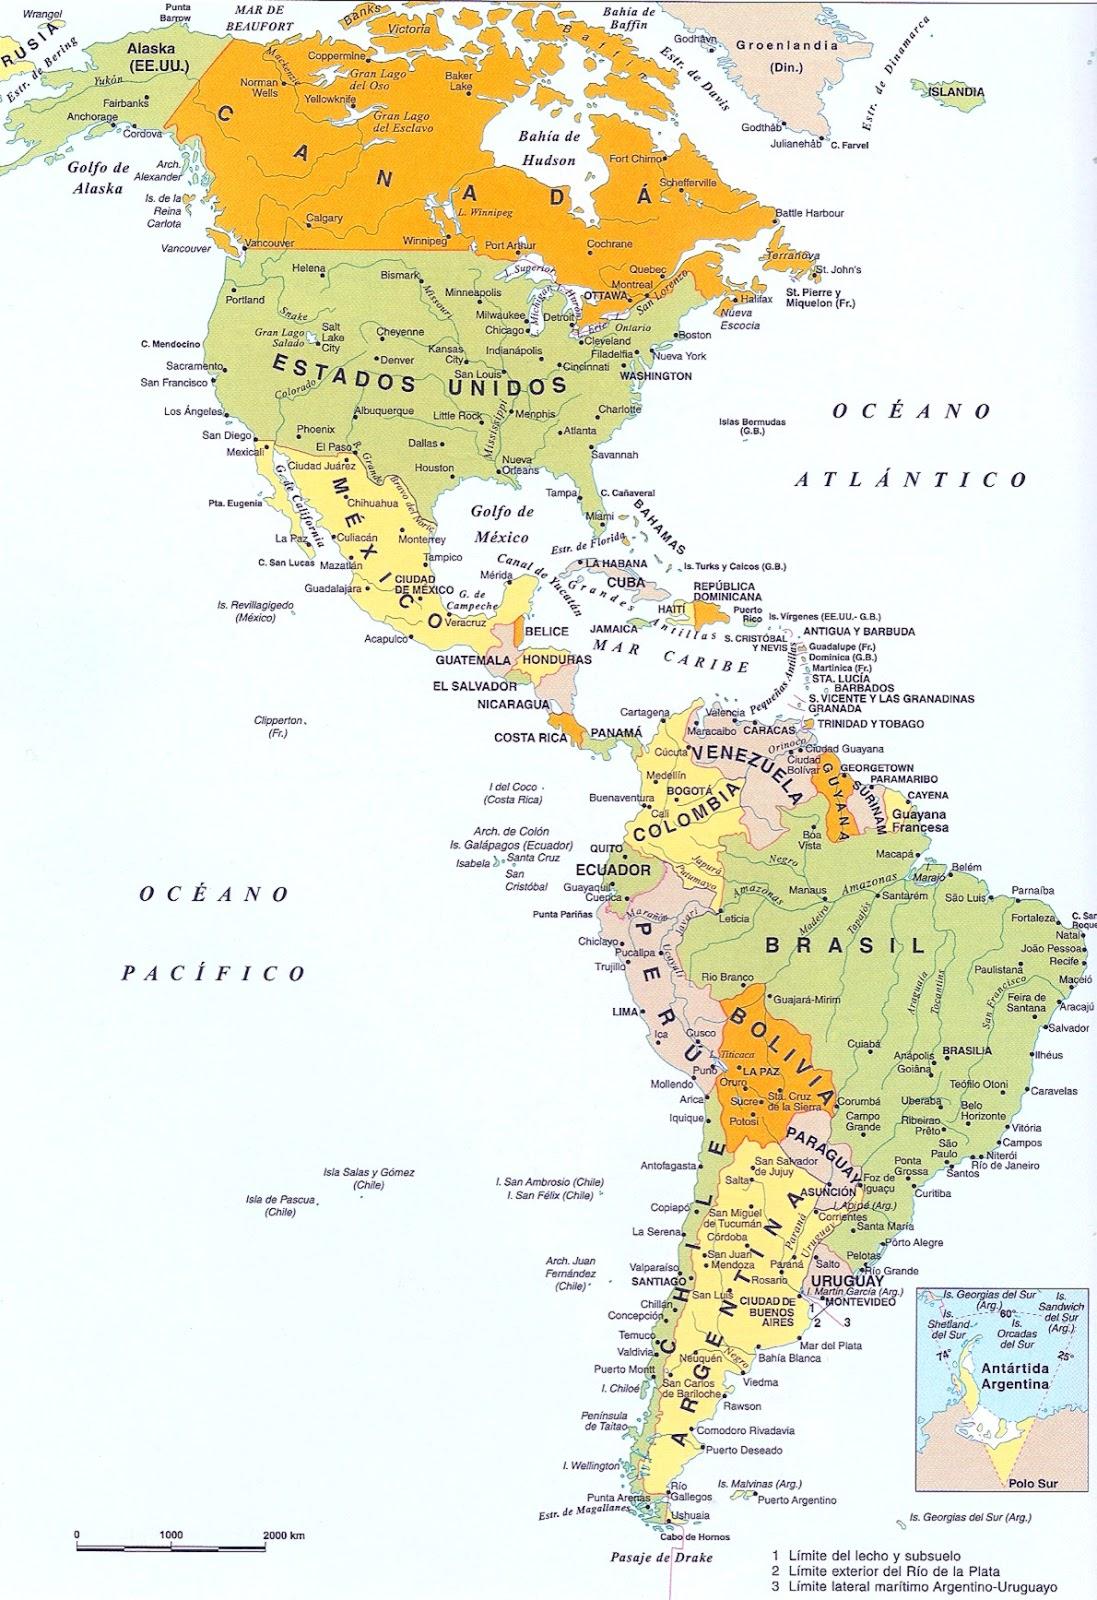 América, Geografia e História da América